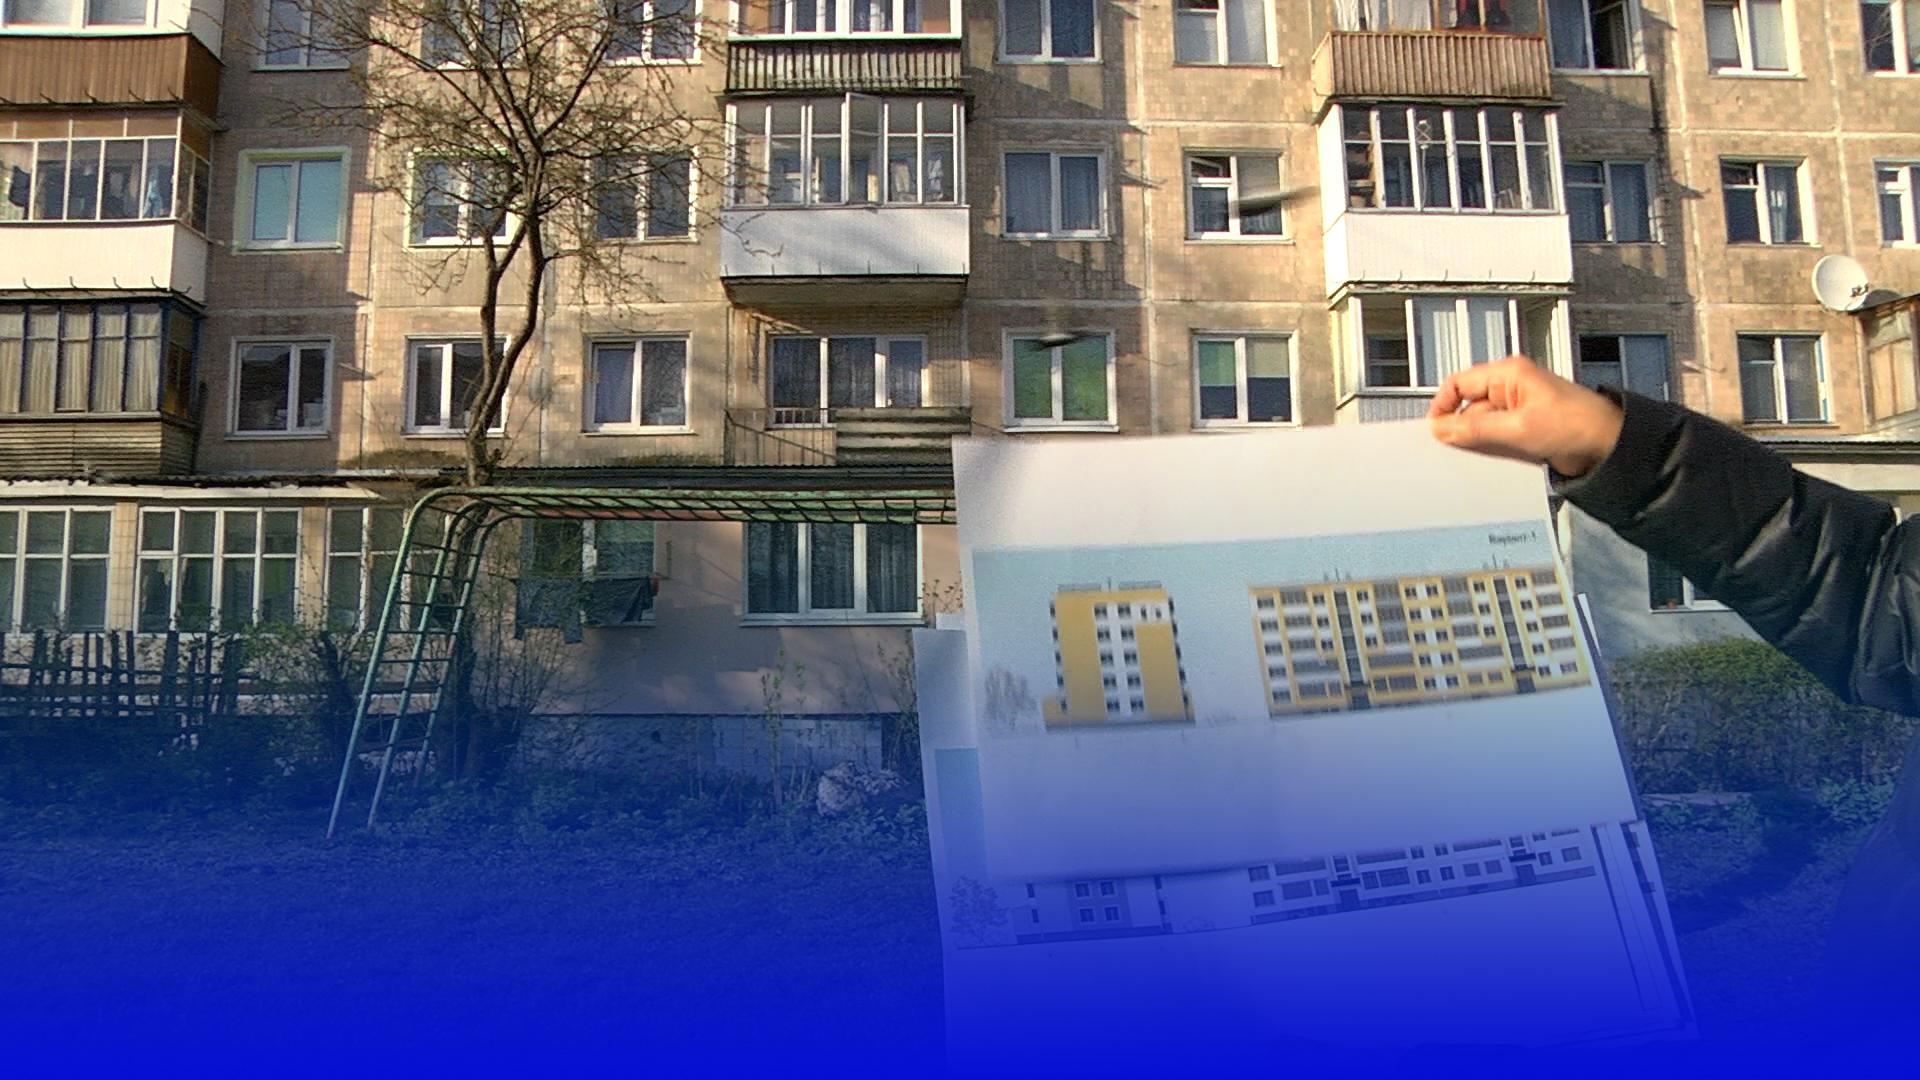 Заблокували вихід з квартири: на вул. Чалдаєва розгорівся сканадал між тернополянами та головою ОСББ